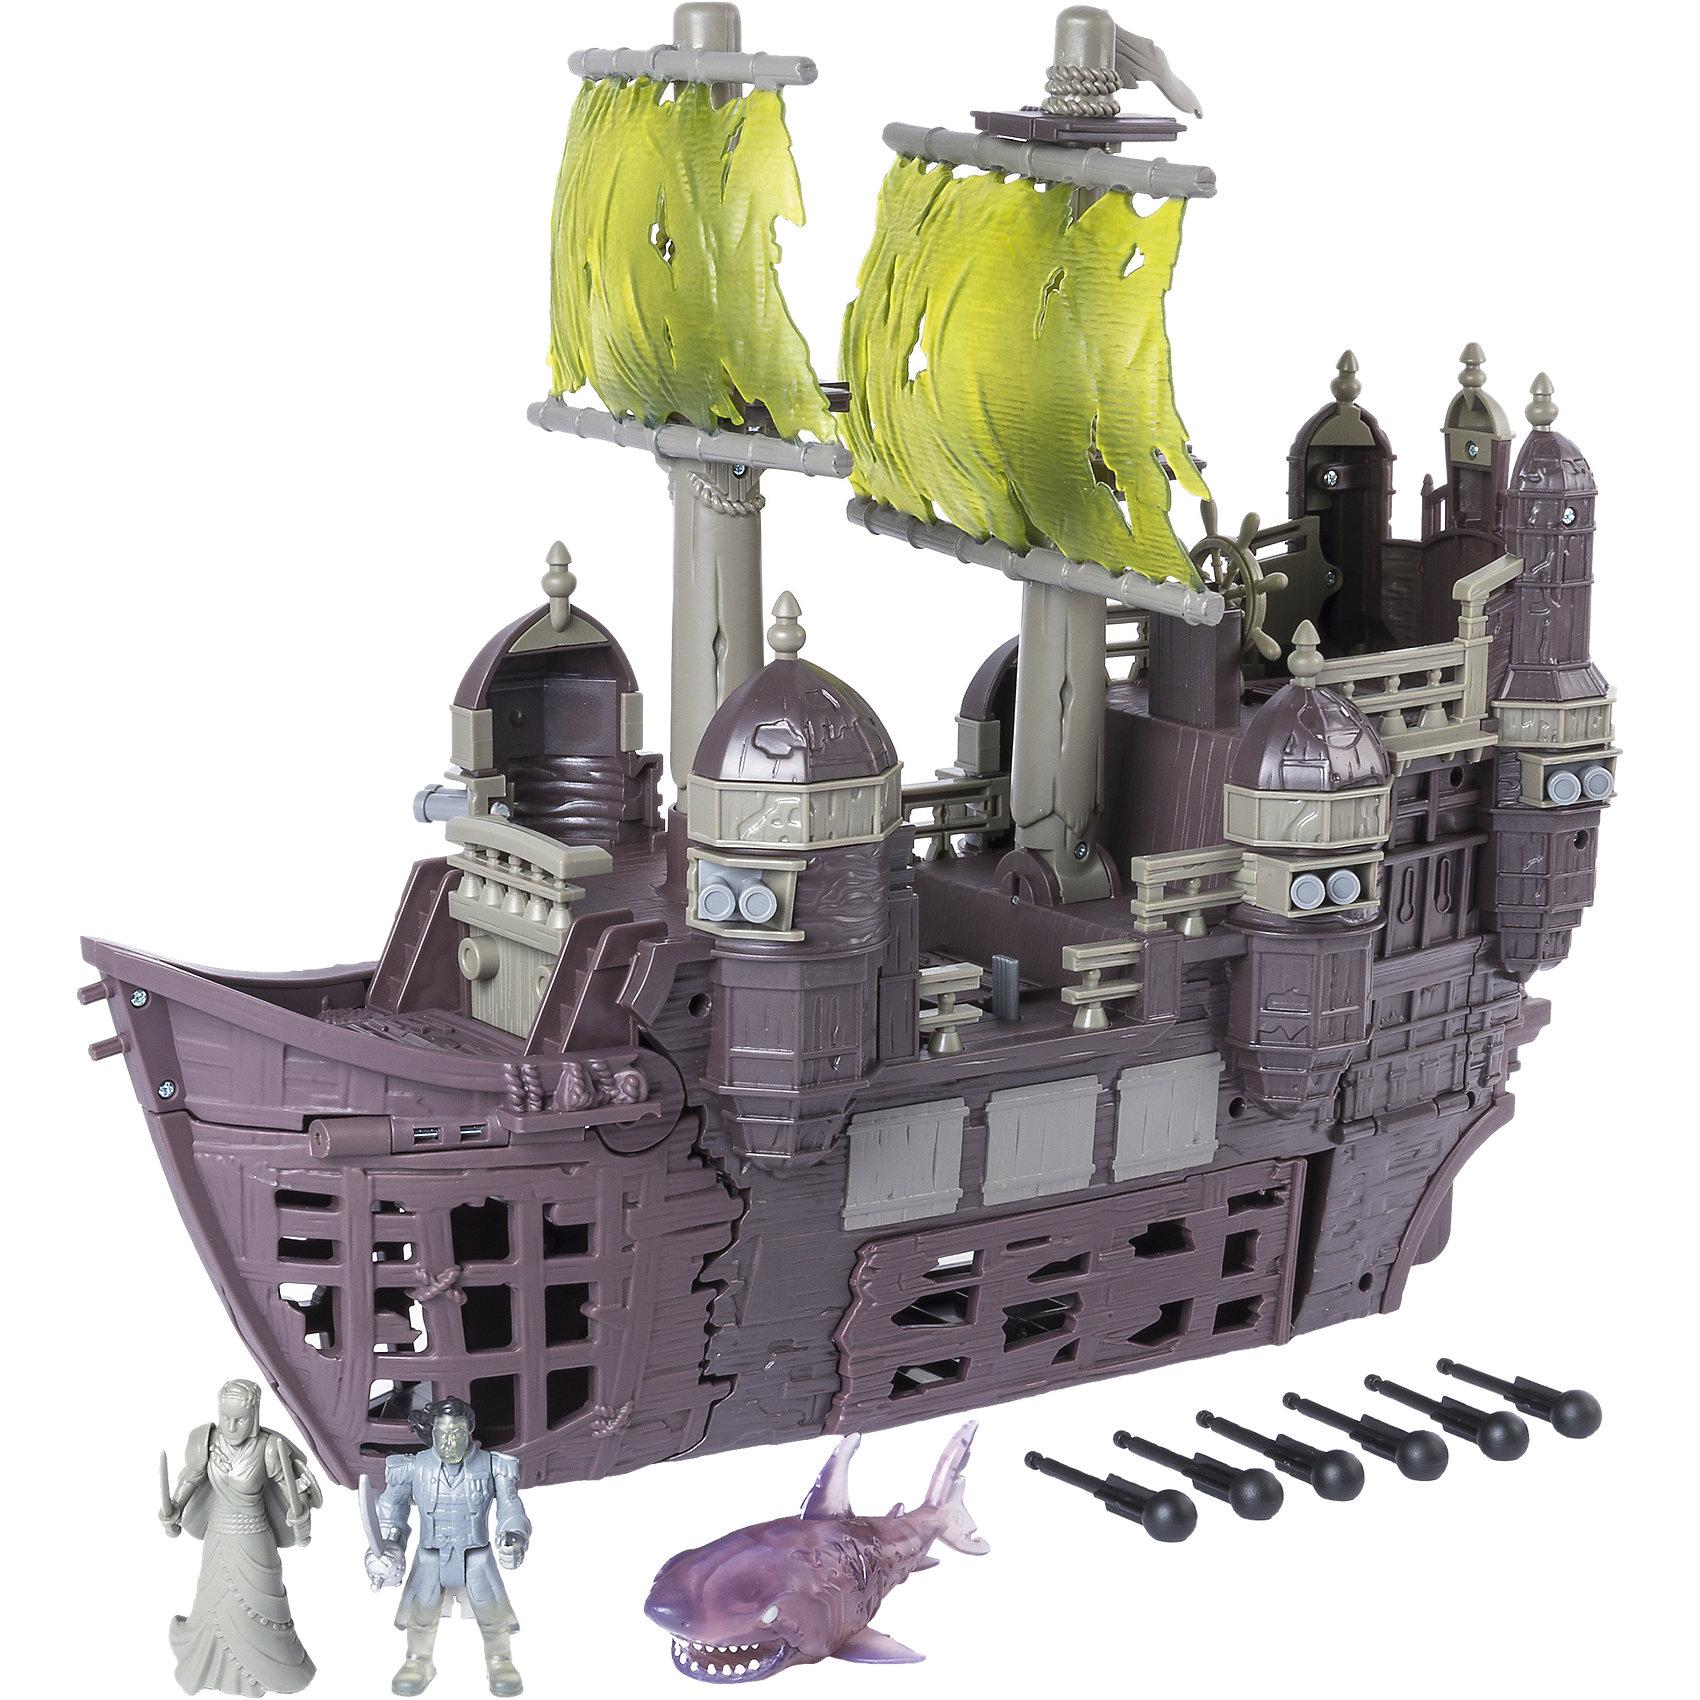 Игрушка Пиратский корабль Немая Мария, Spin Master, Пираты Карибского моряИгровые наборы фигурок<br>Характеристики товара:<br><br>• возраст: от 4 лет;<br>• материал: пластик;<br>• в комплекте: корабль, акула, снаряды, фигурка Салазара, носовая фигурка корабля;<br>• длина корабля: 50 см;<br>• размер упаковки: 53х46х21 см;<br>• вес упаковки: 3,04 кг;<br>• страна производитель: Китай.<br><br>Игрушка «Пиратский корабль Немая Мария» Пираты Карибского моря Spin Master создана по мотивам известного фильма «Пираты Карибского моря: Мертвецы не рассказывают сказки». Корабль капитана Салазара Немая Мария когда-то был частью испанского флота, а затем был атакован Джеком Воробьем и исчез в Бермудском треугольнике.<br><br>Корабль и все члены его экипажа превратились в призраков, а капитан Салазар отправился на поиски Джека Воробья. На носовую часть корабля крепится фигурка женщины, которая в фильме оживает и помогает Салазару в сражениях. Трюм корабля открывается. А пушки стреляют снарядами.<br><br>Игрушку «Пиратский корабль Немая Мария» Пираты Карибского моря Spin Master можно приобрести в нашем интернет-магазине.<br><br>Ширина мм: 535<br>Глубина мм: 451<br>Высота мм: 218<br>Вес г: 3053<br>Возраст от месяцев: 48<br>Возраст до месяцев: 96<br>Пол: Мужской<br>Возраст: Детский<br>SKU: 5104678